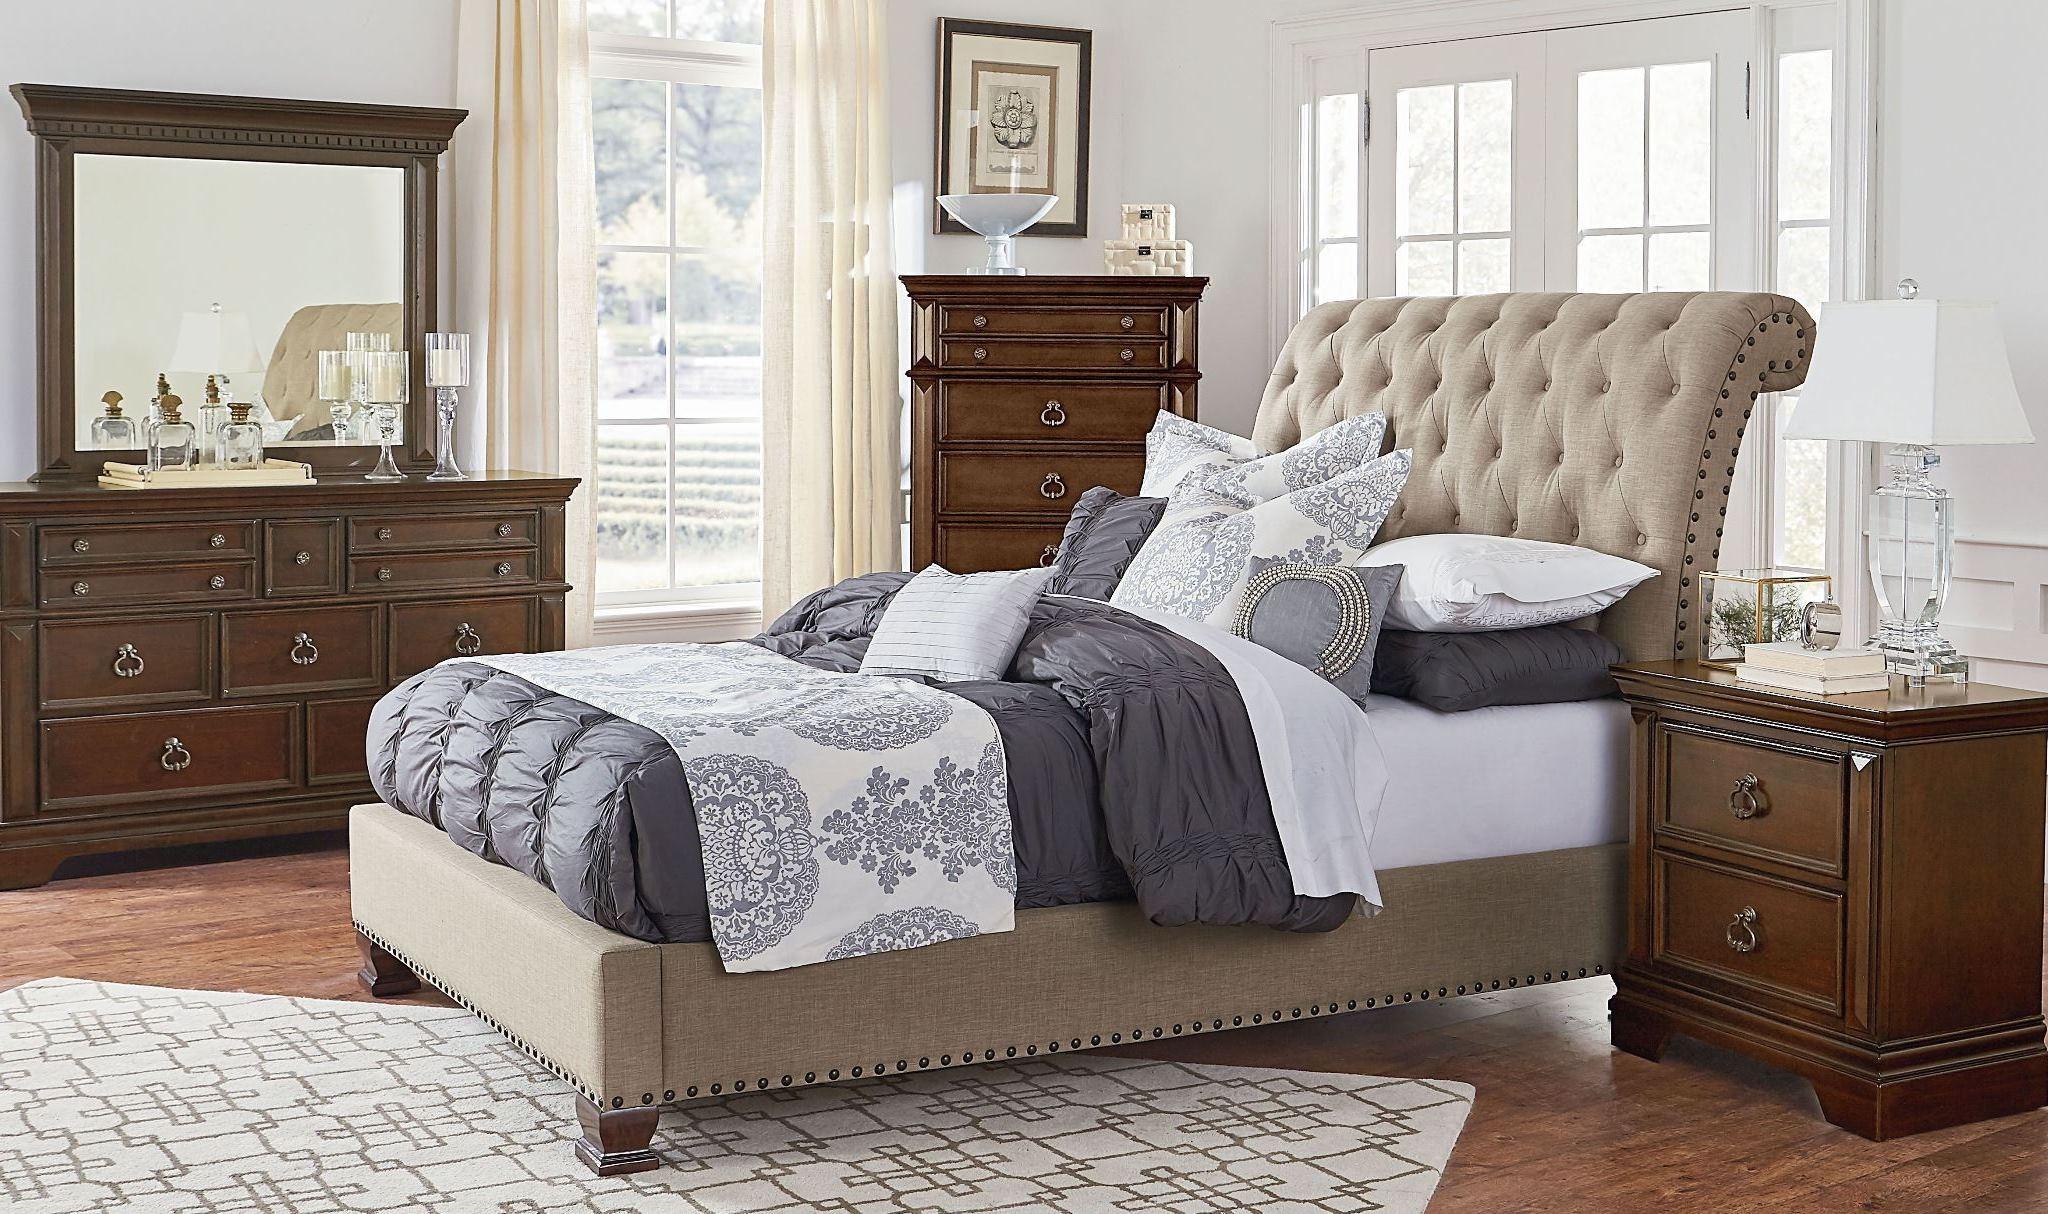 charleston burnished tobacco upholstered bedroom set 960 51 52 standard furniture. Black Bedroom Furniture Sets. Home Design Ideas